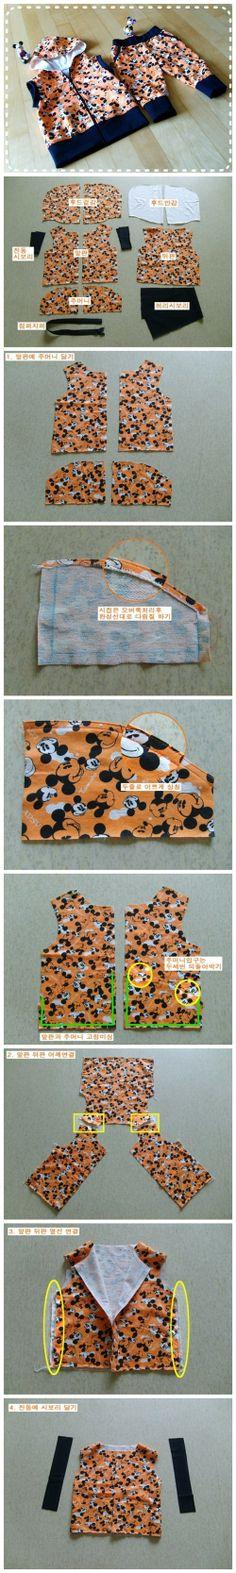 【宝宝马夹卫裤套装——制作教程(马夹篇·步骤图1) 】(转自:http://blog.sina.com.cn/s/blog_b2af51950101d5e7.html)